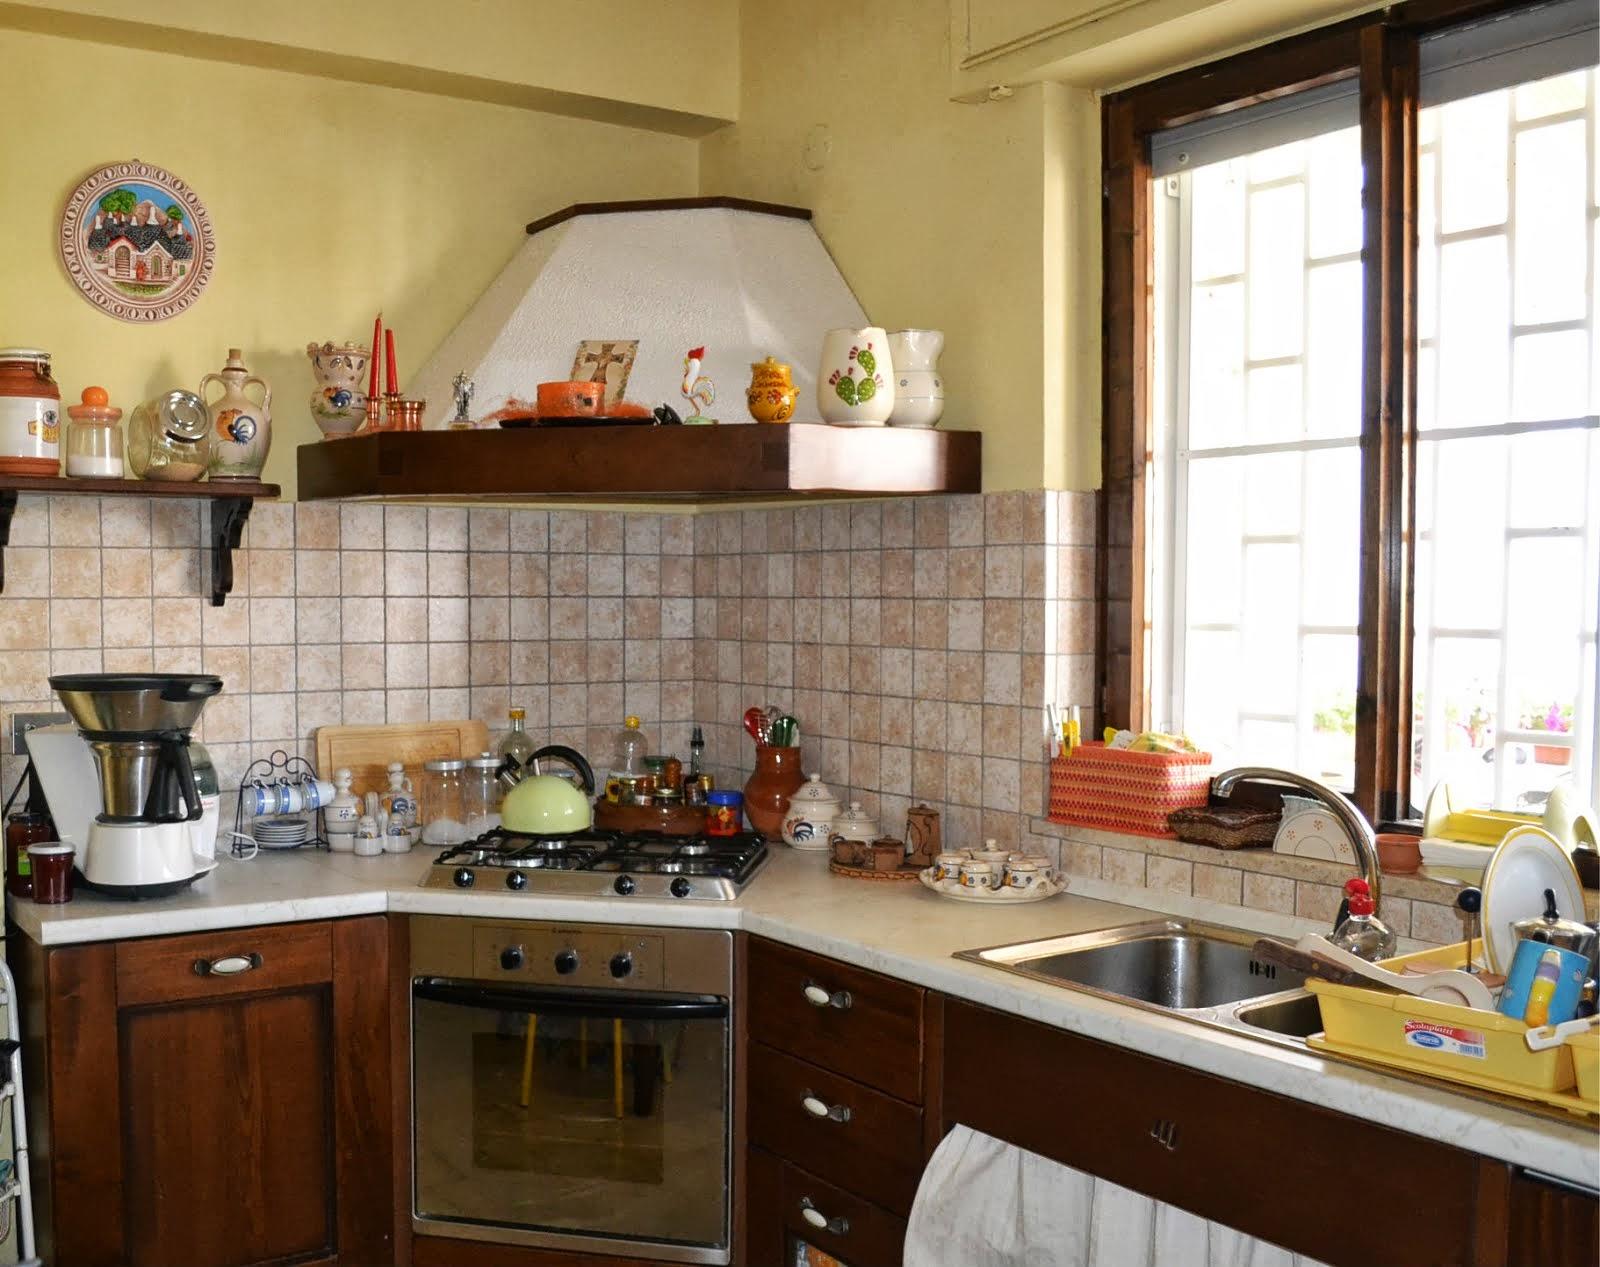 Questo Sito Utilizza Cookie Di Profilazione Propri O Di Terze Parti  #A93D22 1600 1267 Foto Di Cucine Da Sogno